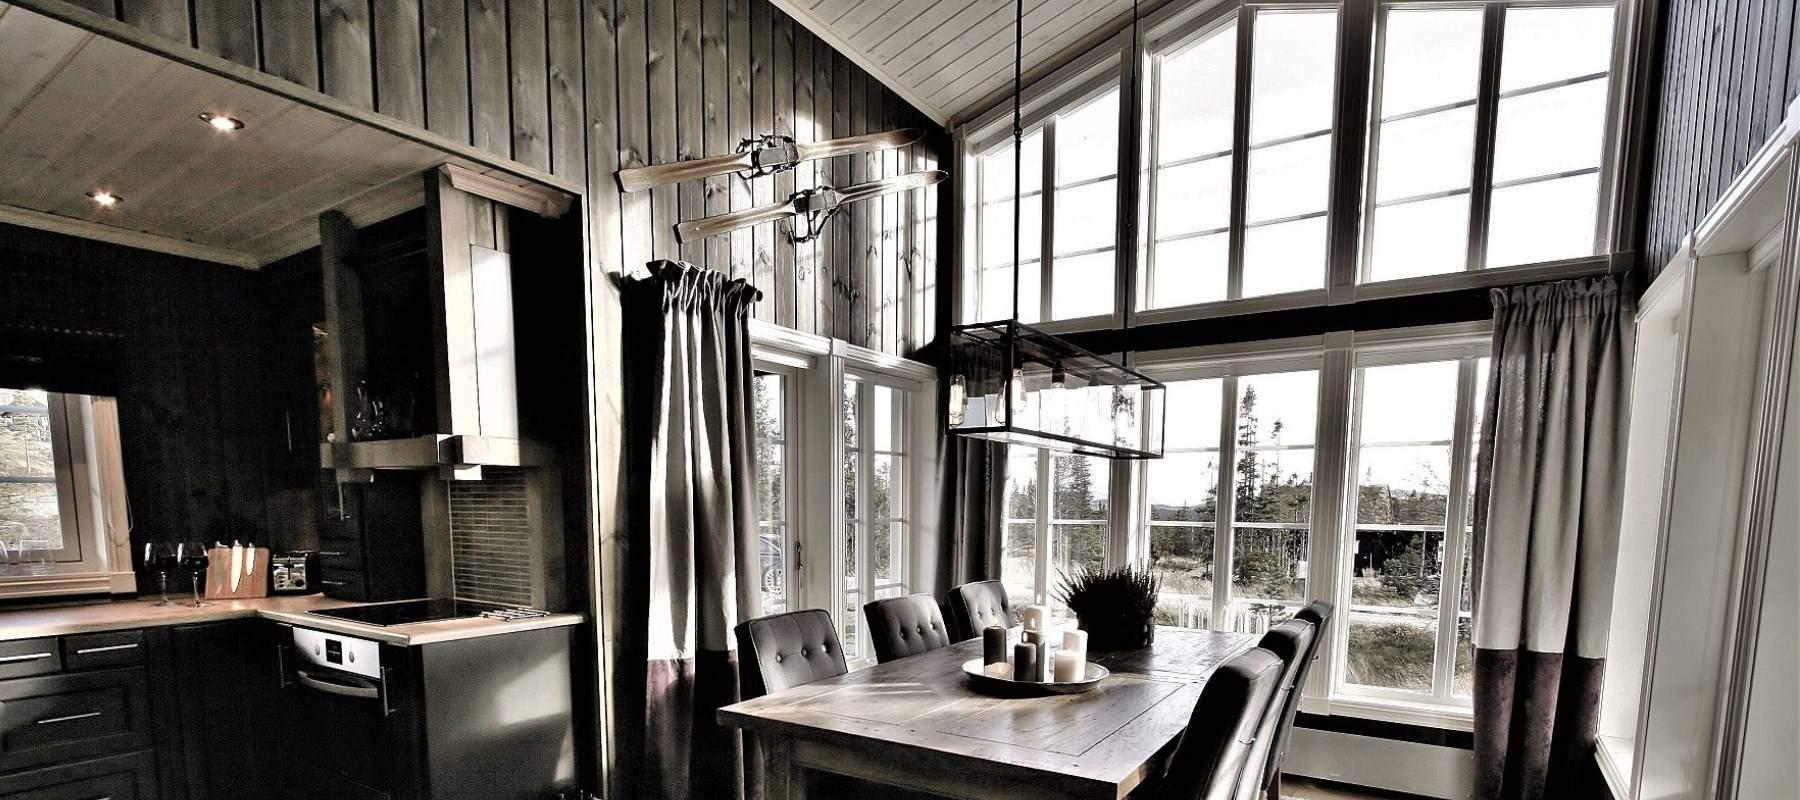 10 Hytteinteriør Inspirasjon Veggli – Stryn 92